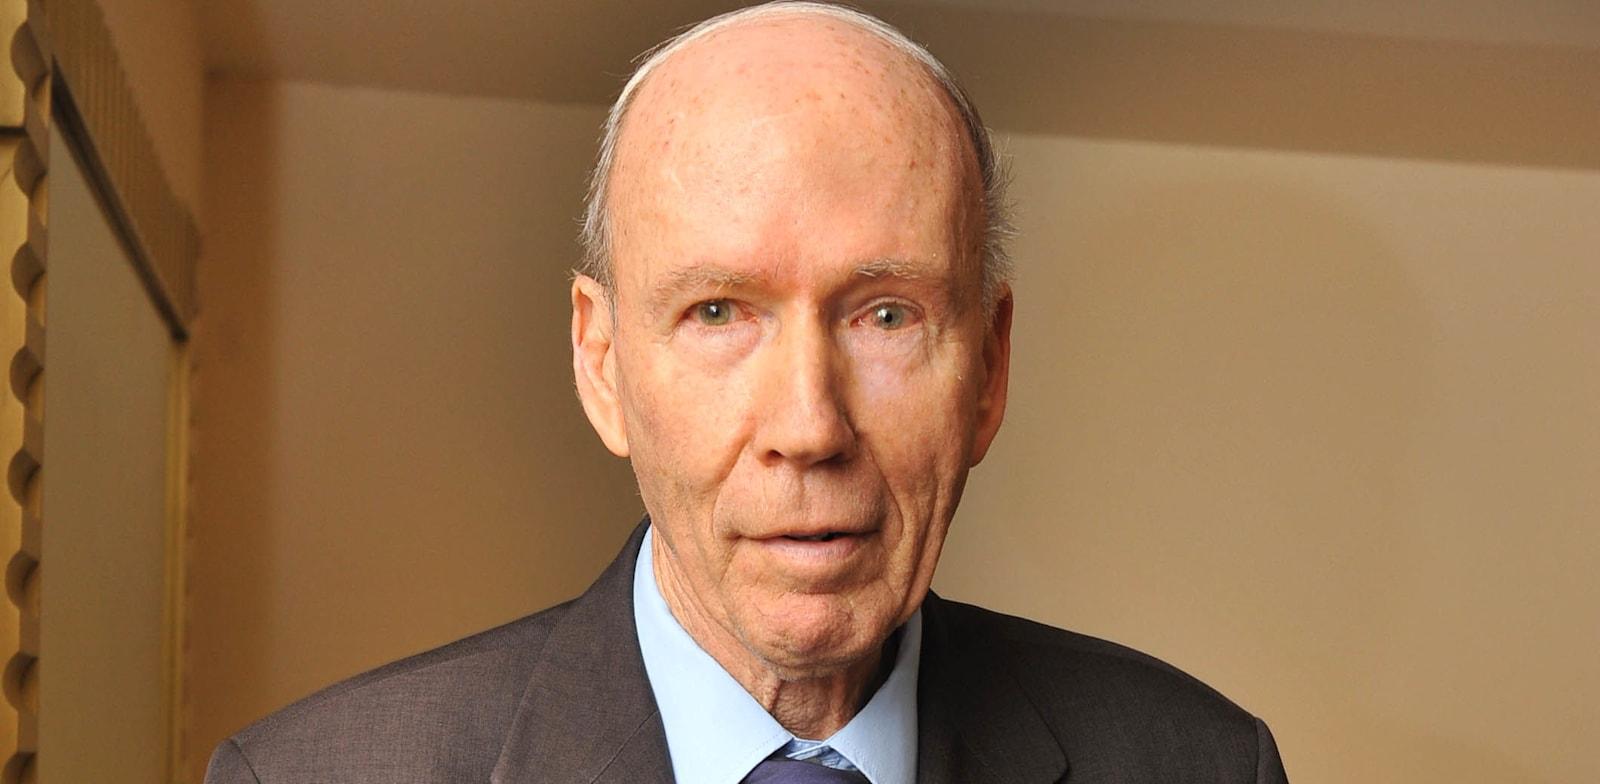 """ד""""ר זאב קליין, נגיד בנק ישראל לשעבר / צילום: תמר מצפי"""